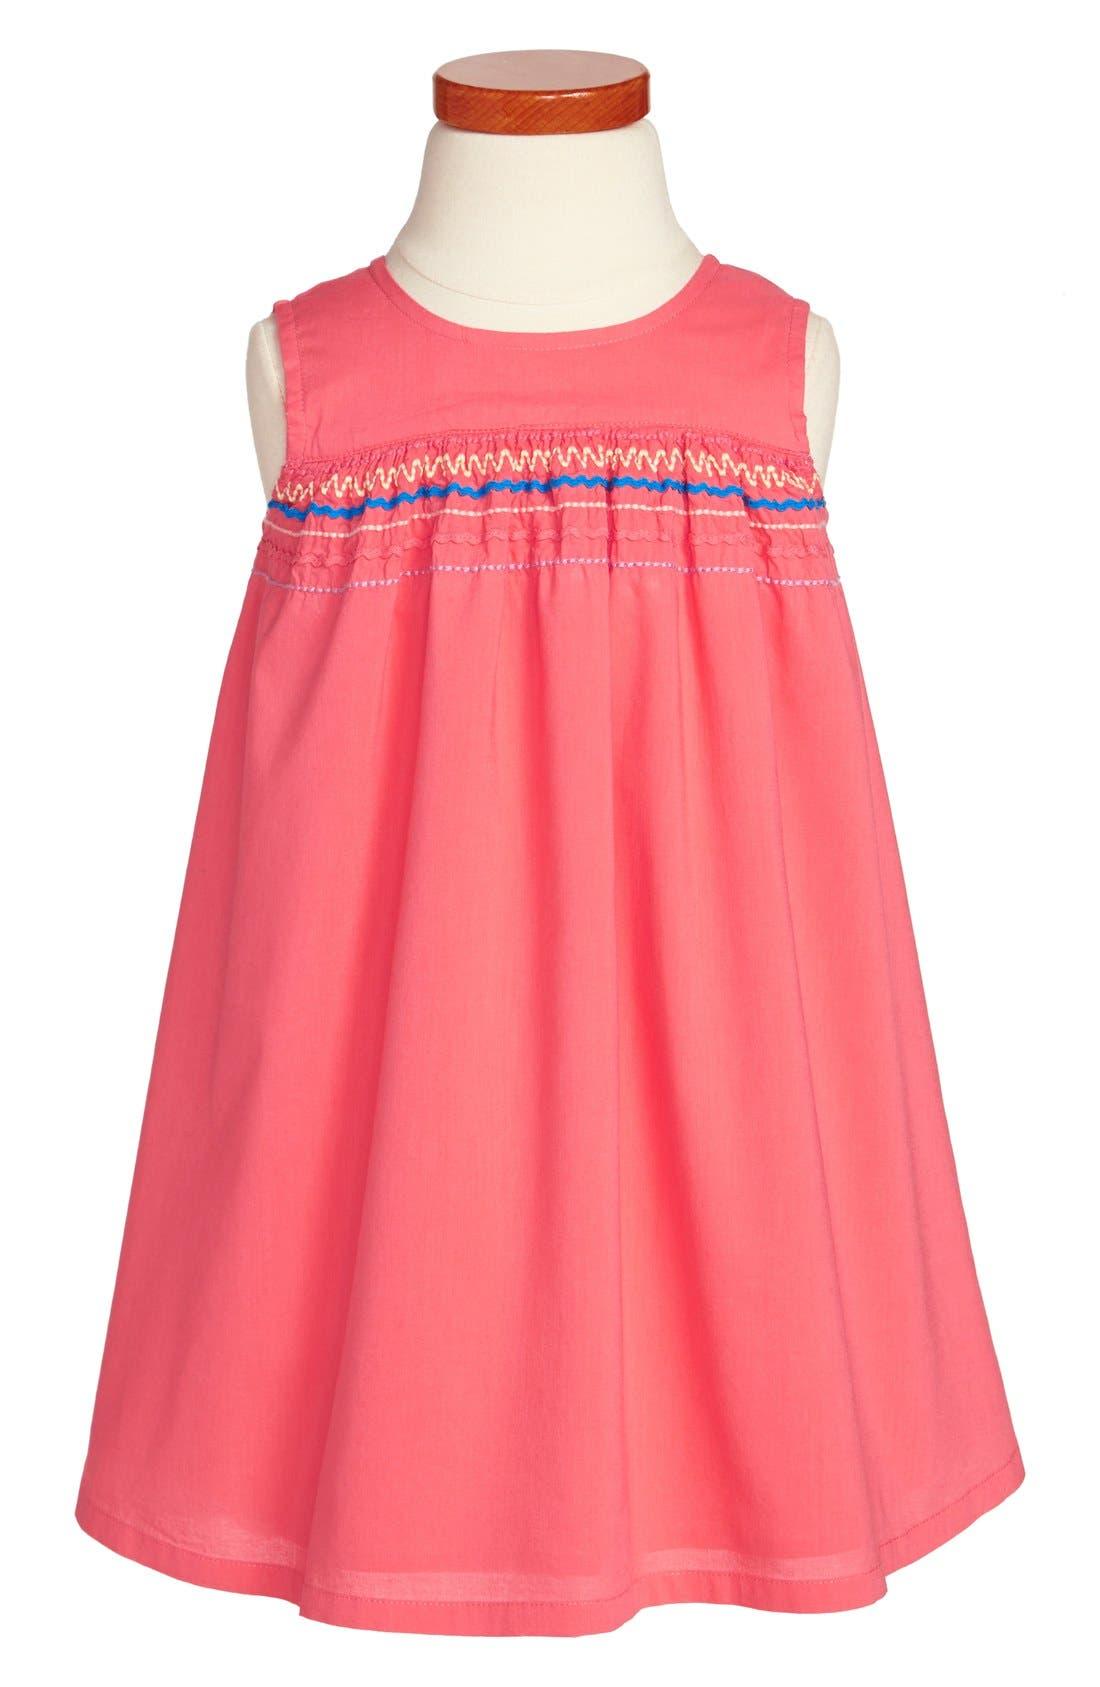 Alternate Image 1 Selected - Tucker + Tate 'Lynn' Dress (Little Girls & Big Girls)